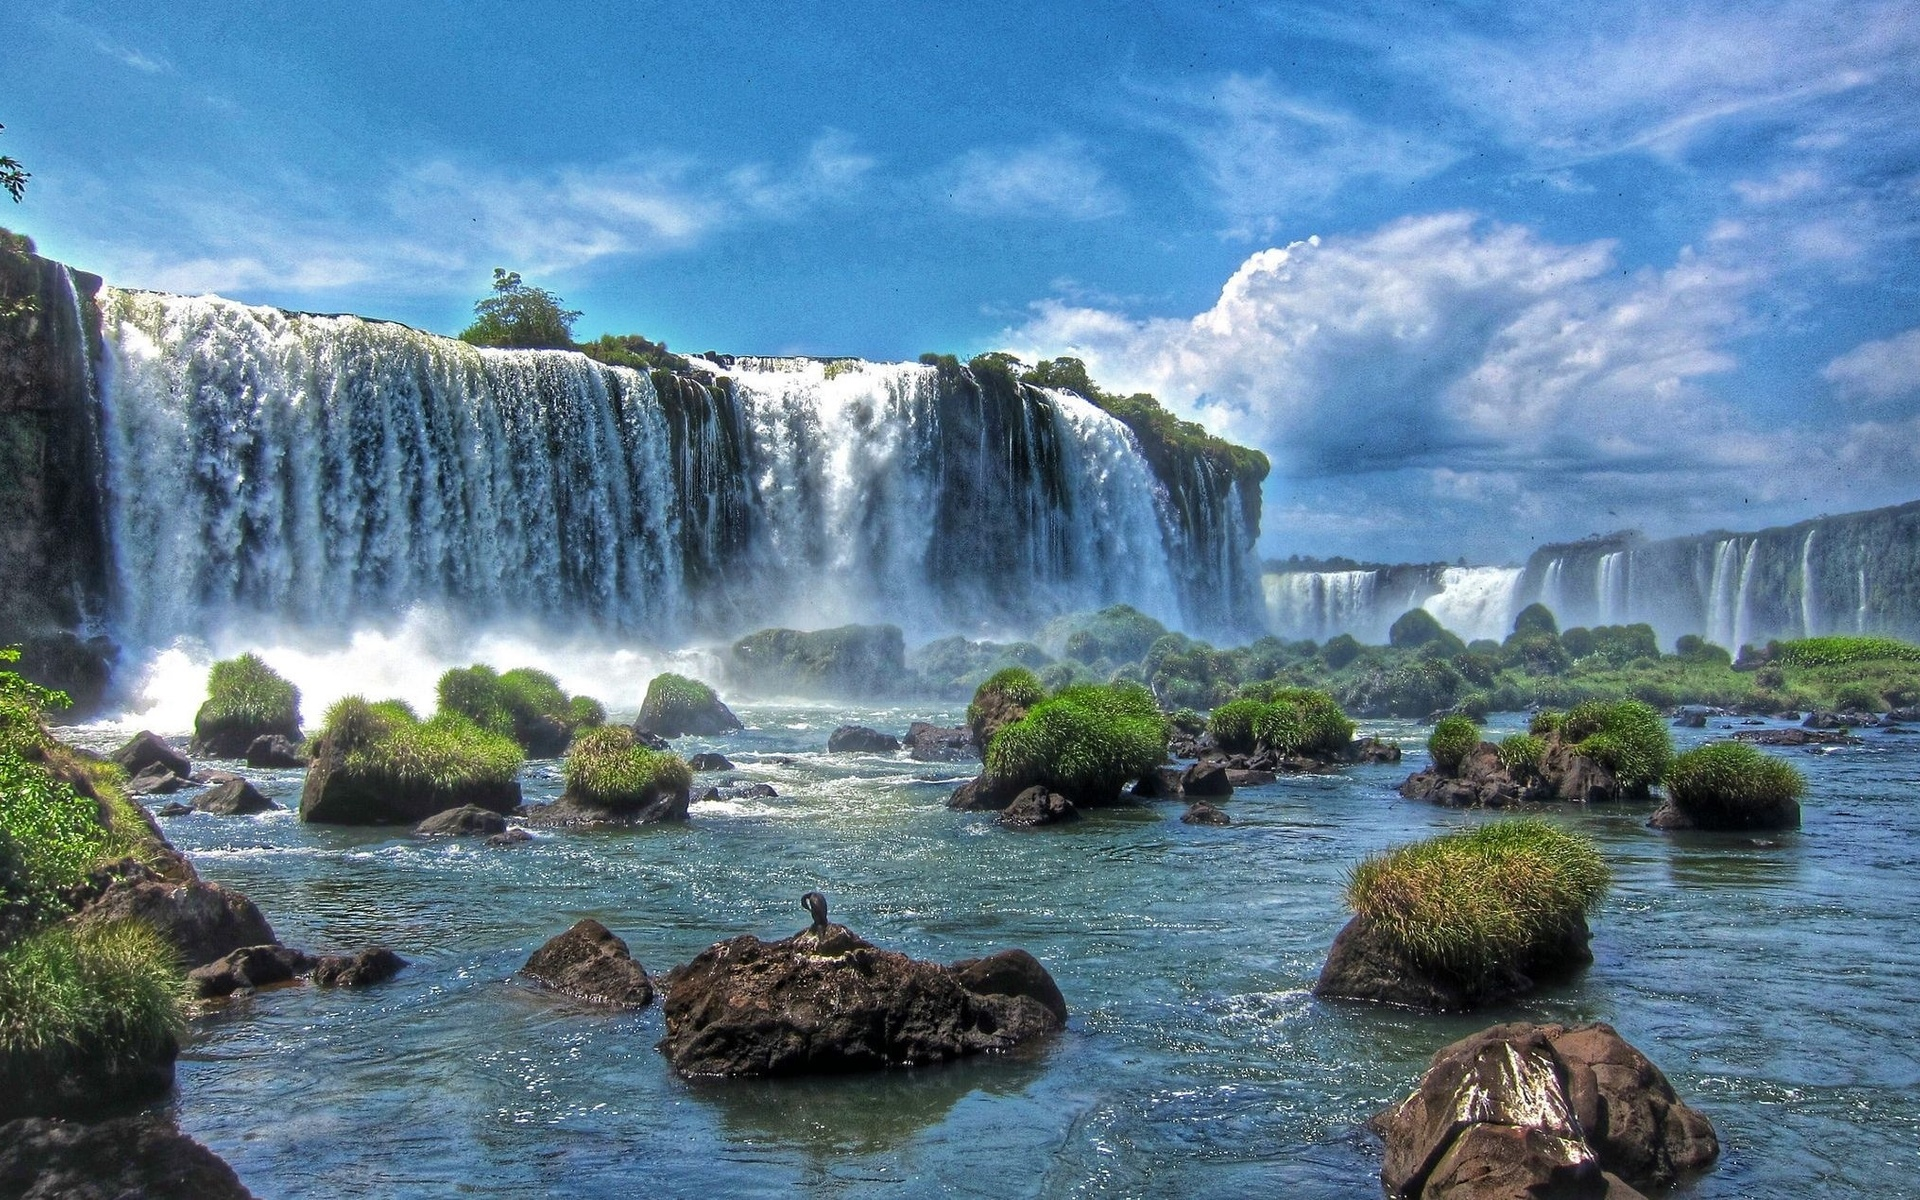 картинки высоких водопадов нас сайте купите